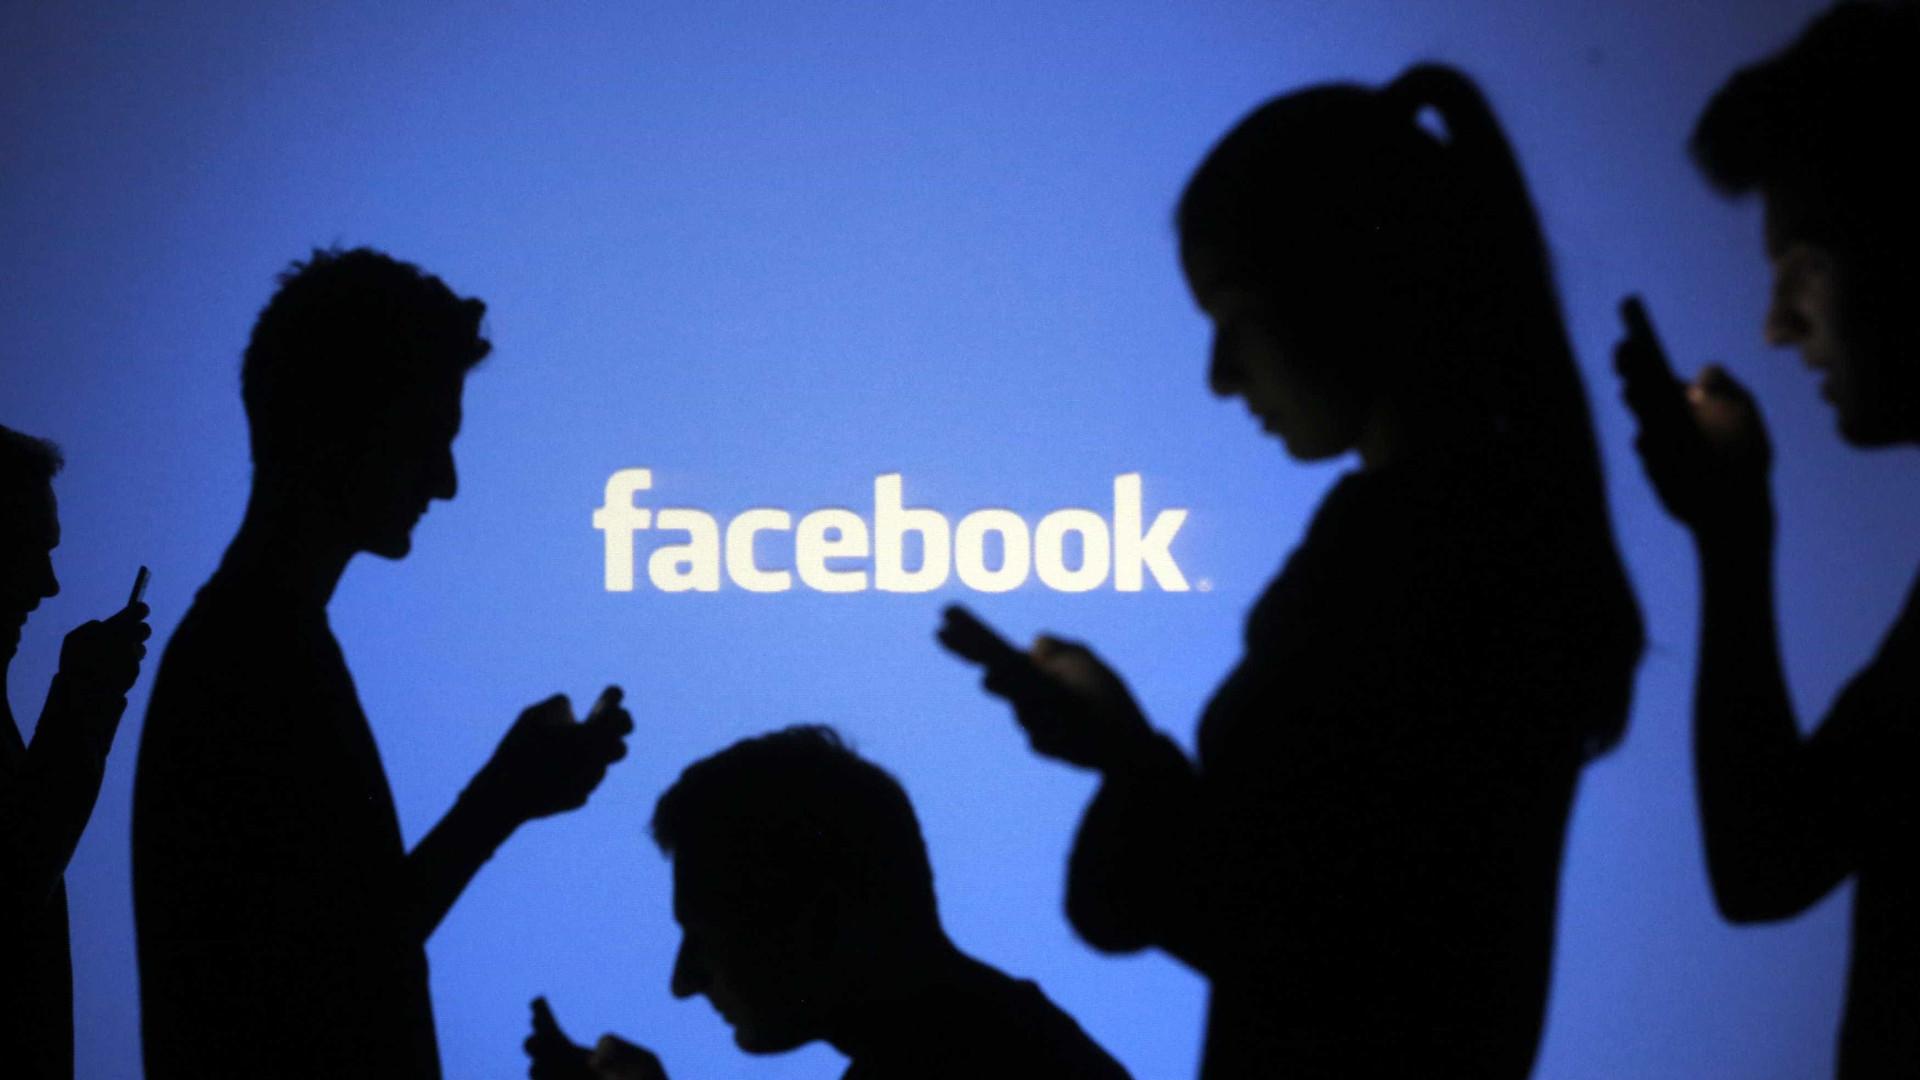 Facebook: Novo esquema promete mostrar-lhe seguidores secretos